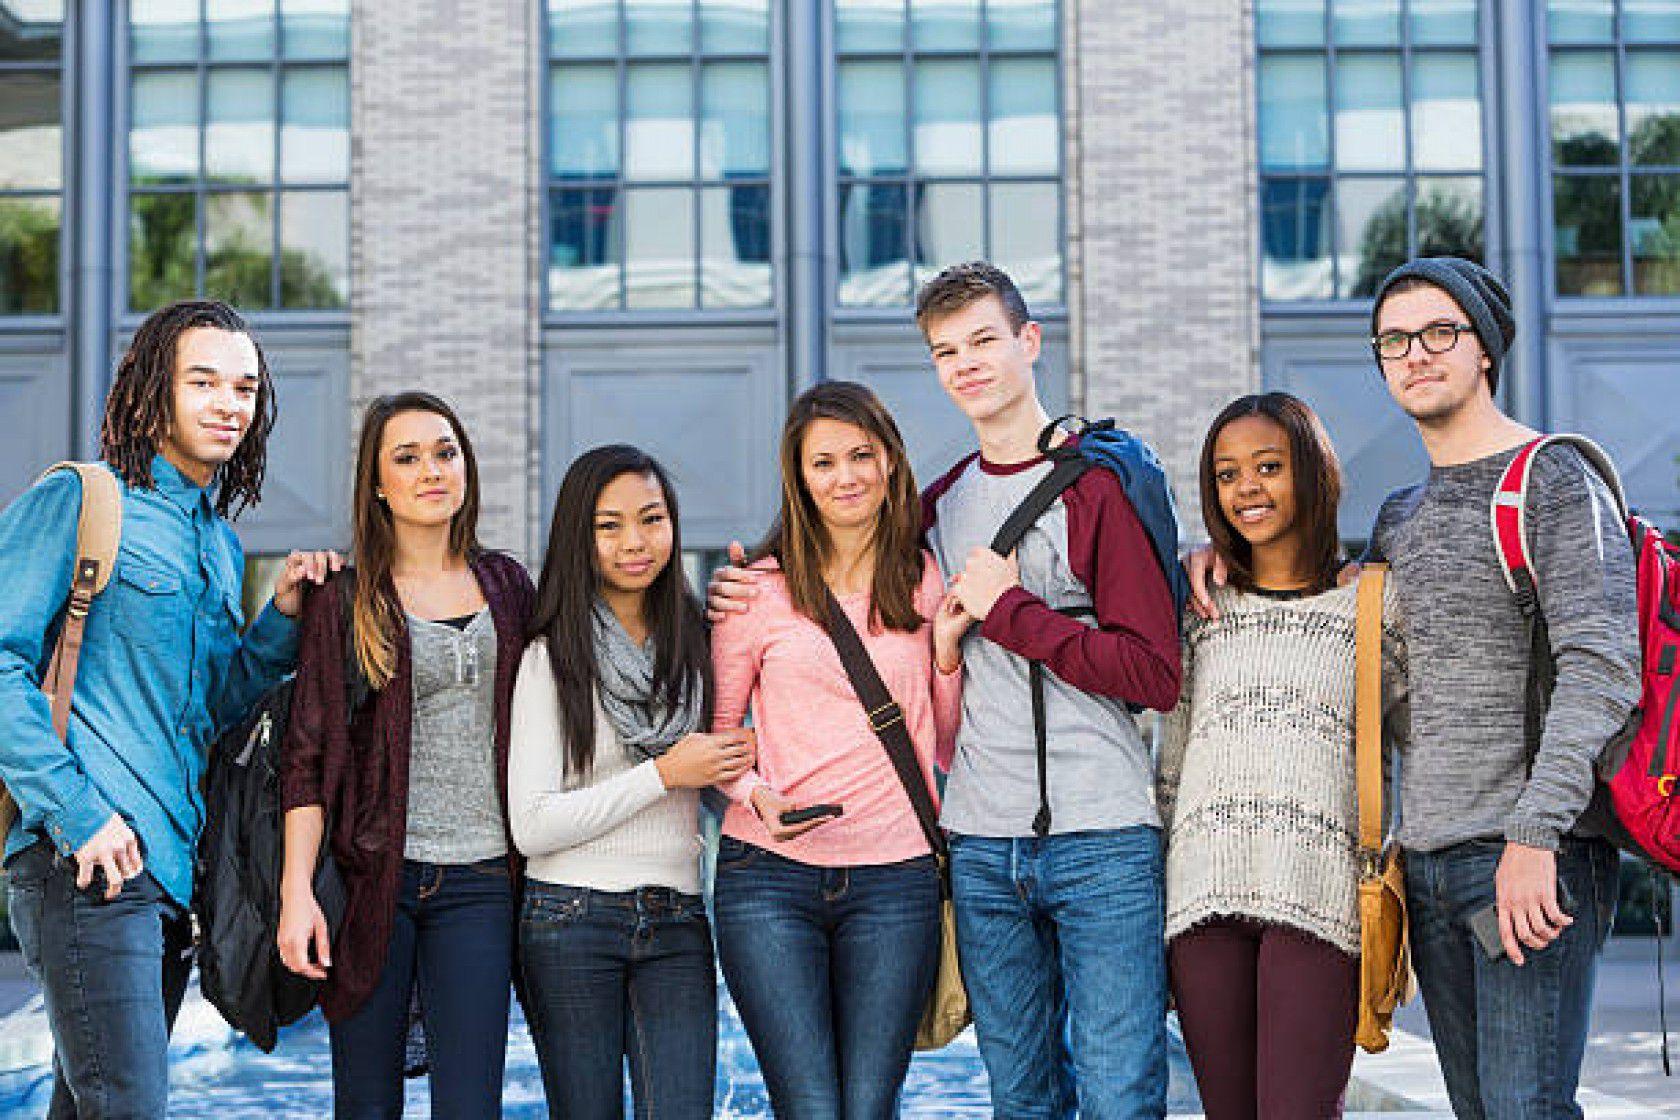 Öğretmenlerin Görüşü ile Finlandiya Lise Eğitimi Hakkında Bilinmesi Gerekenler